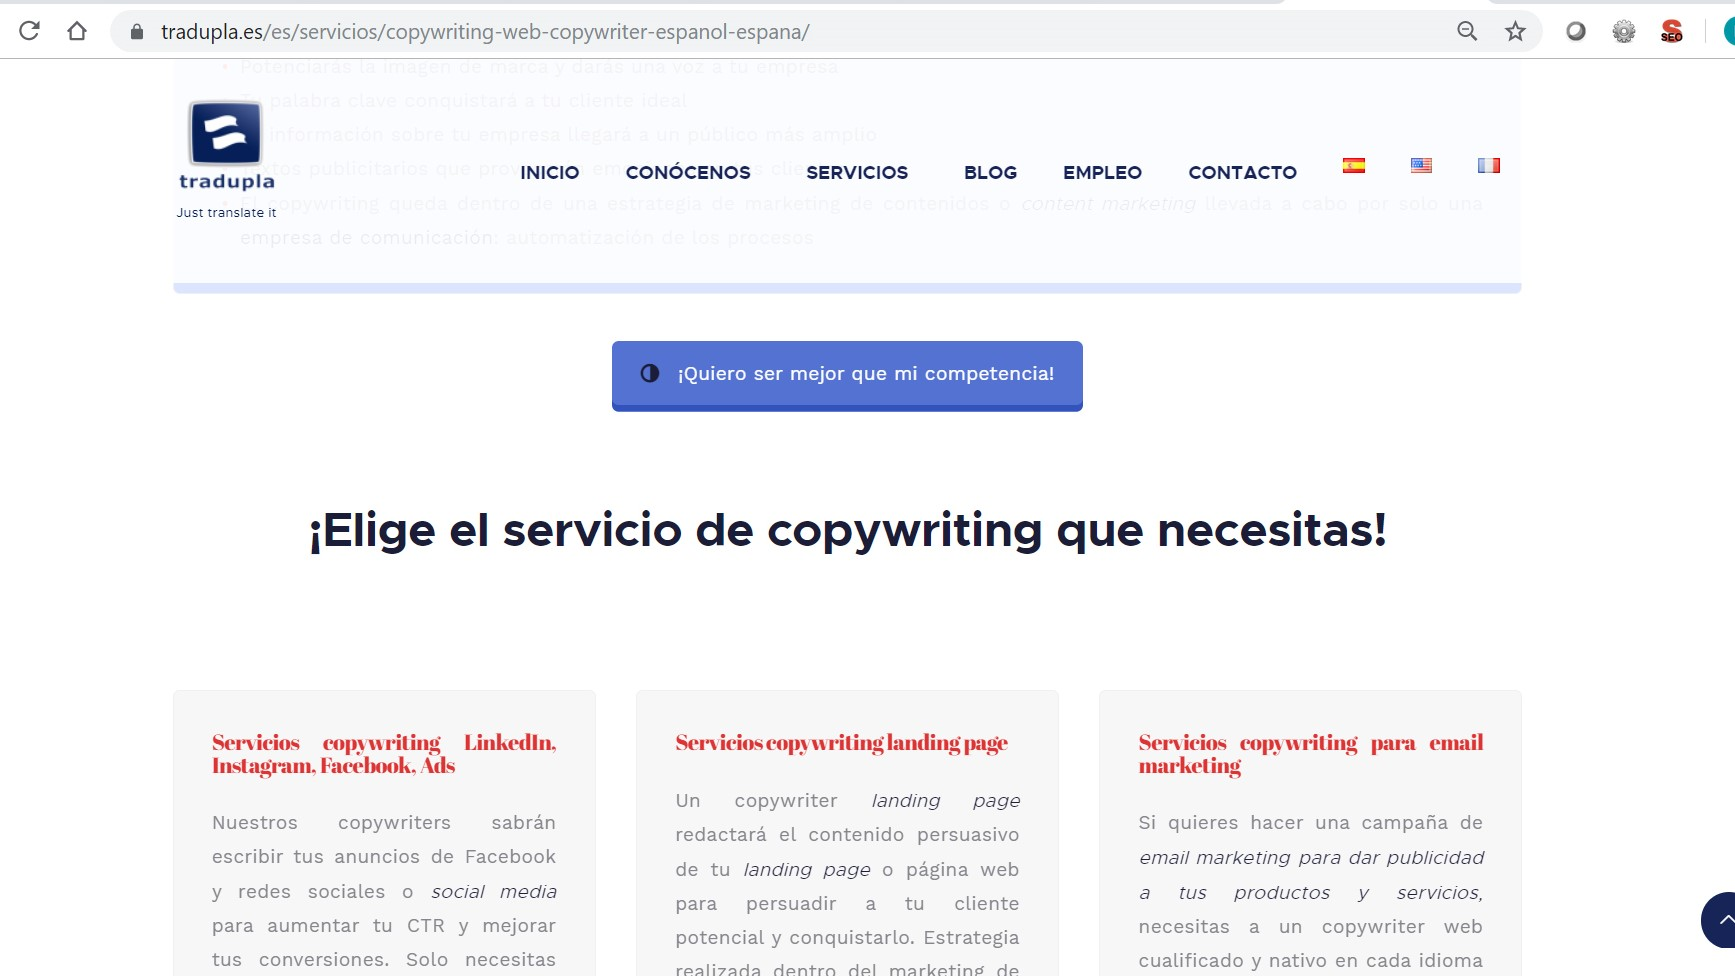 servicios de copywriting